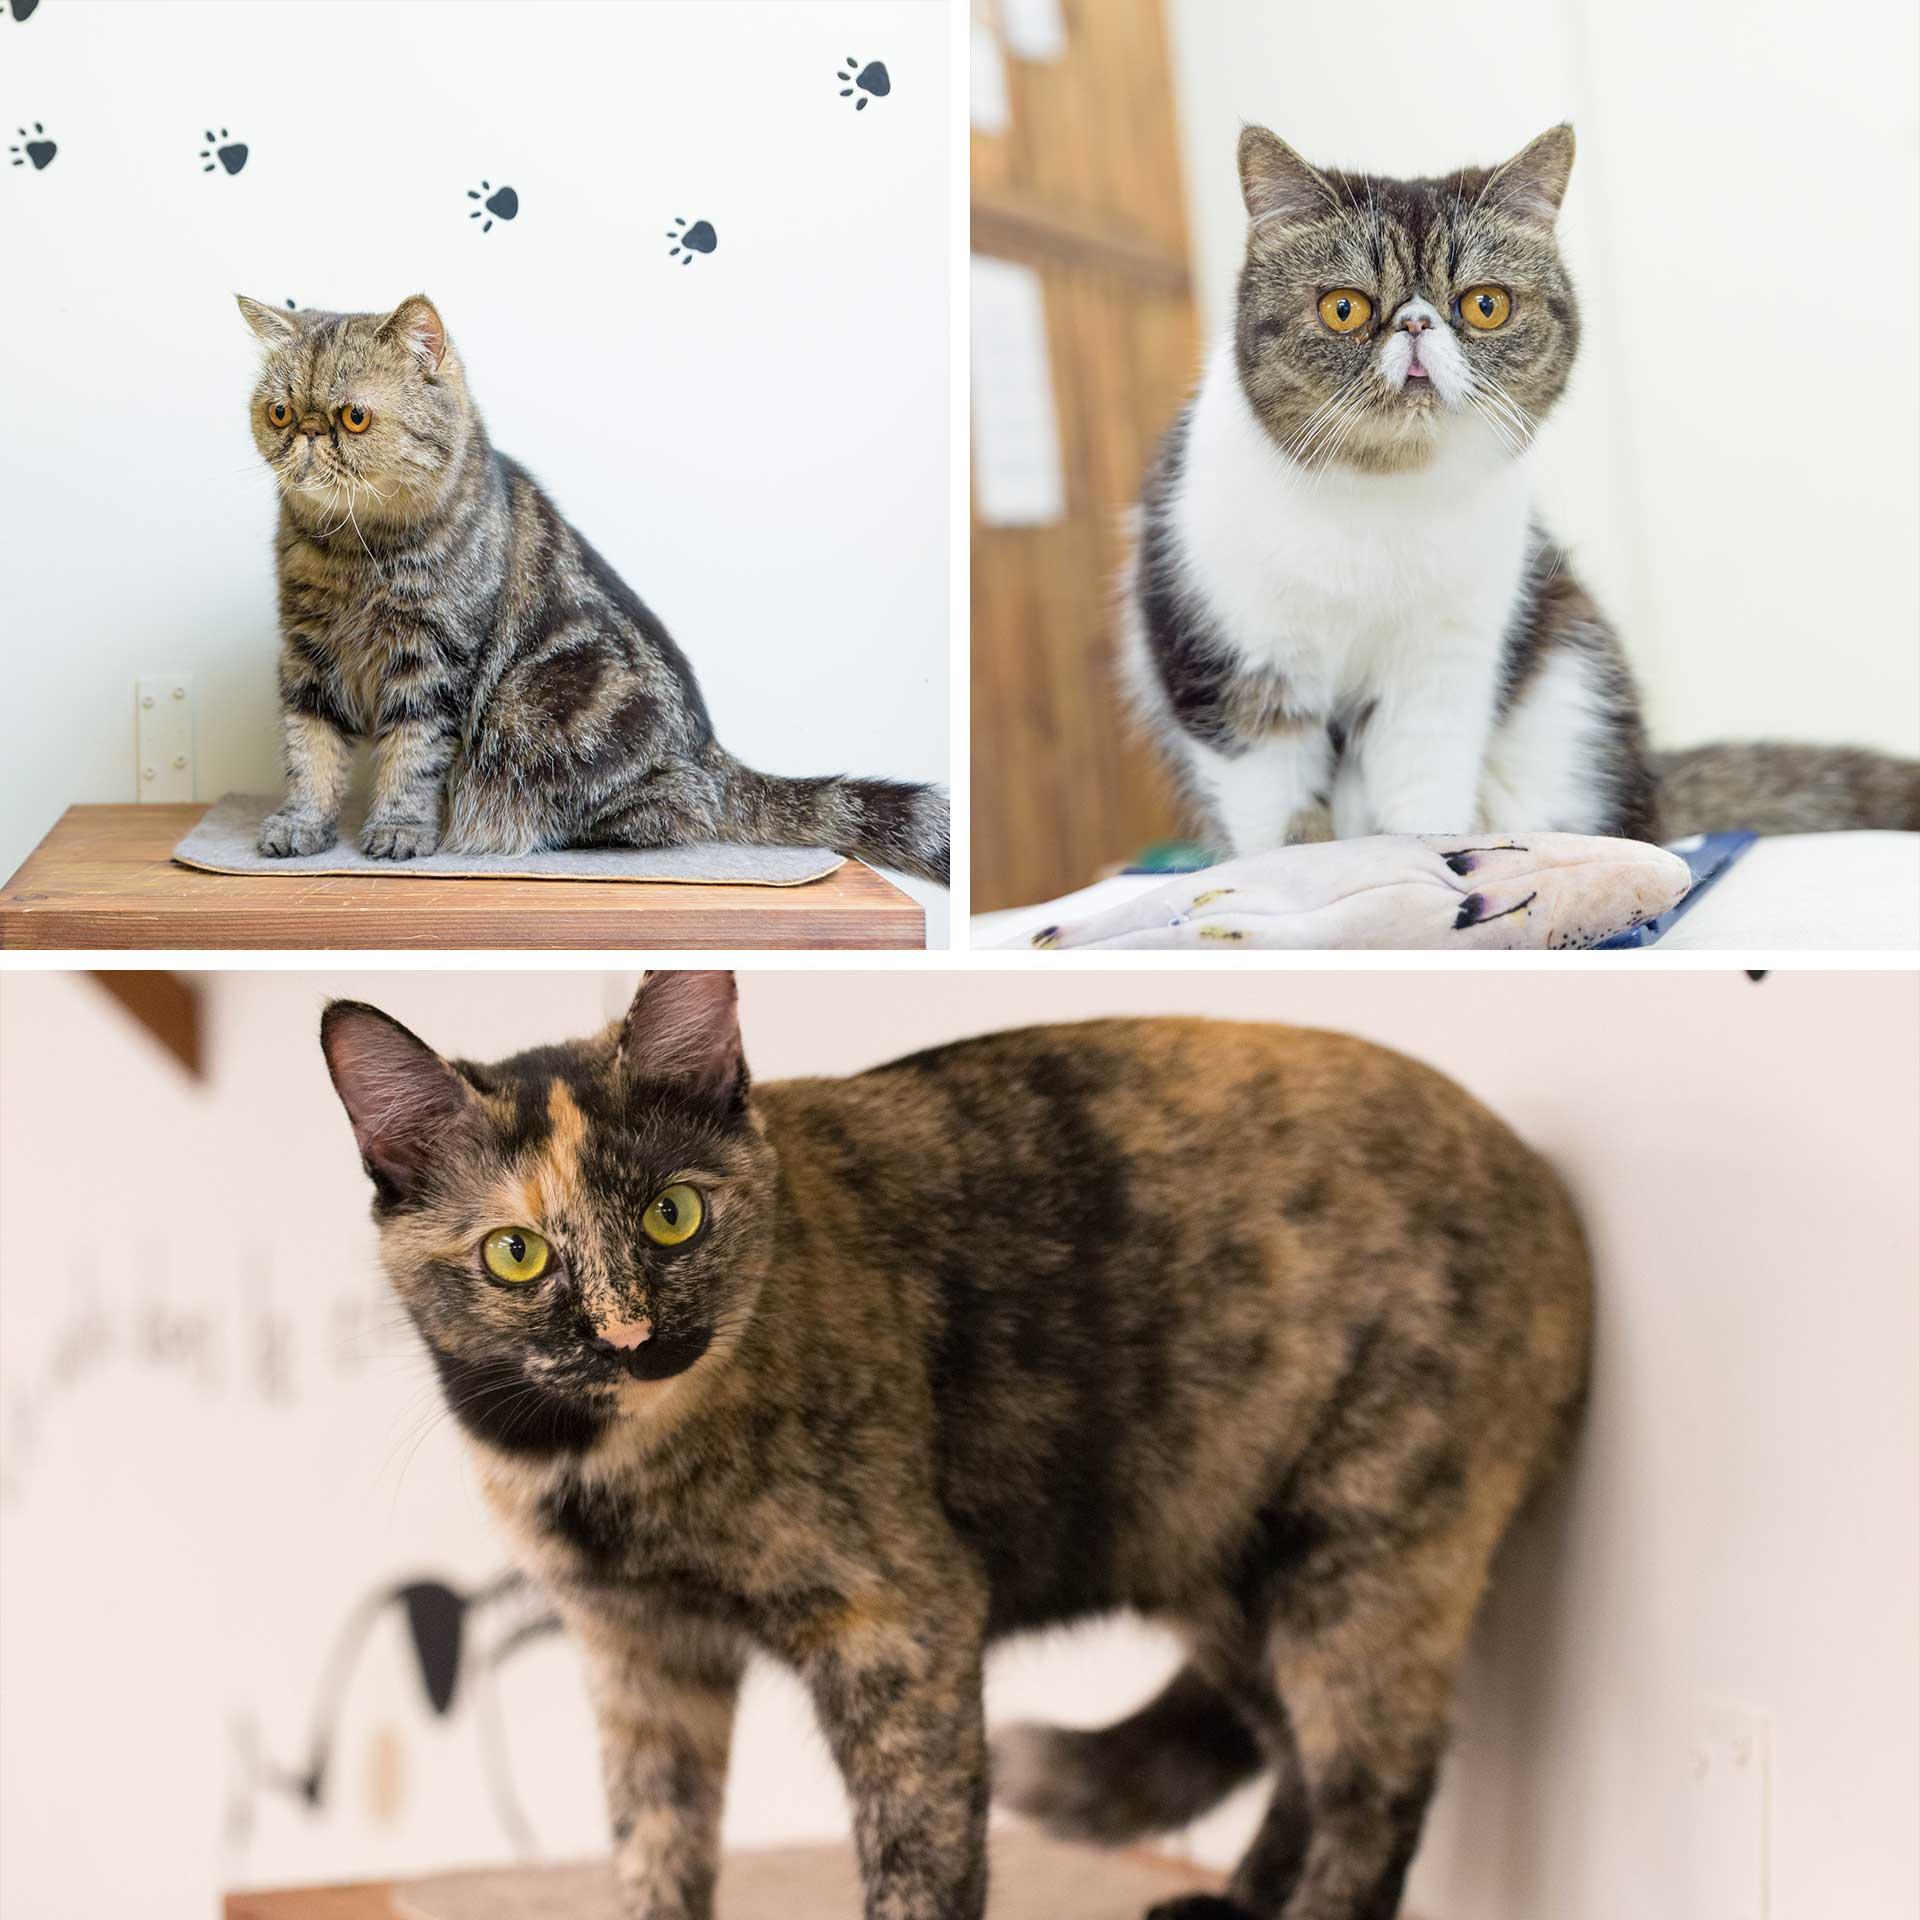 エキゾチックショートヘアーこんぶわかめ日本猫ラフ